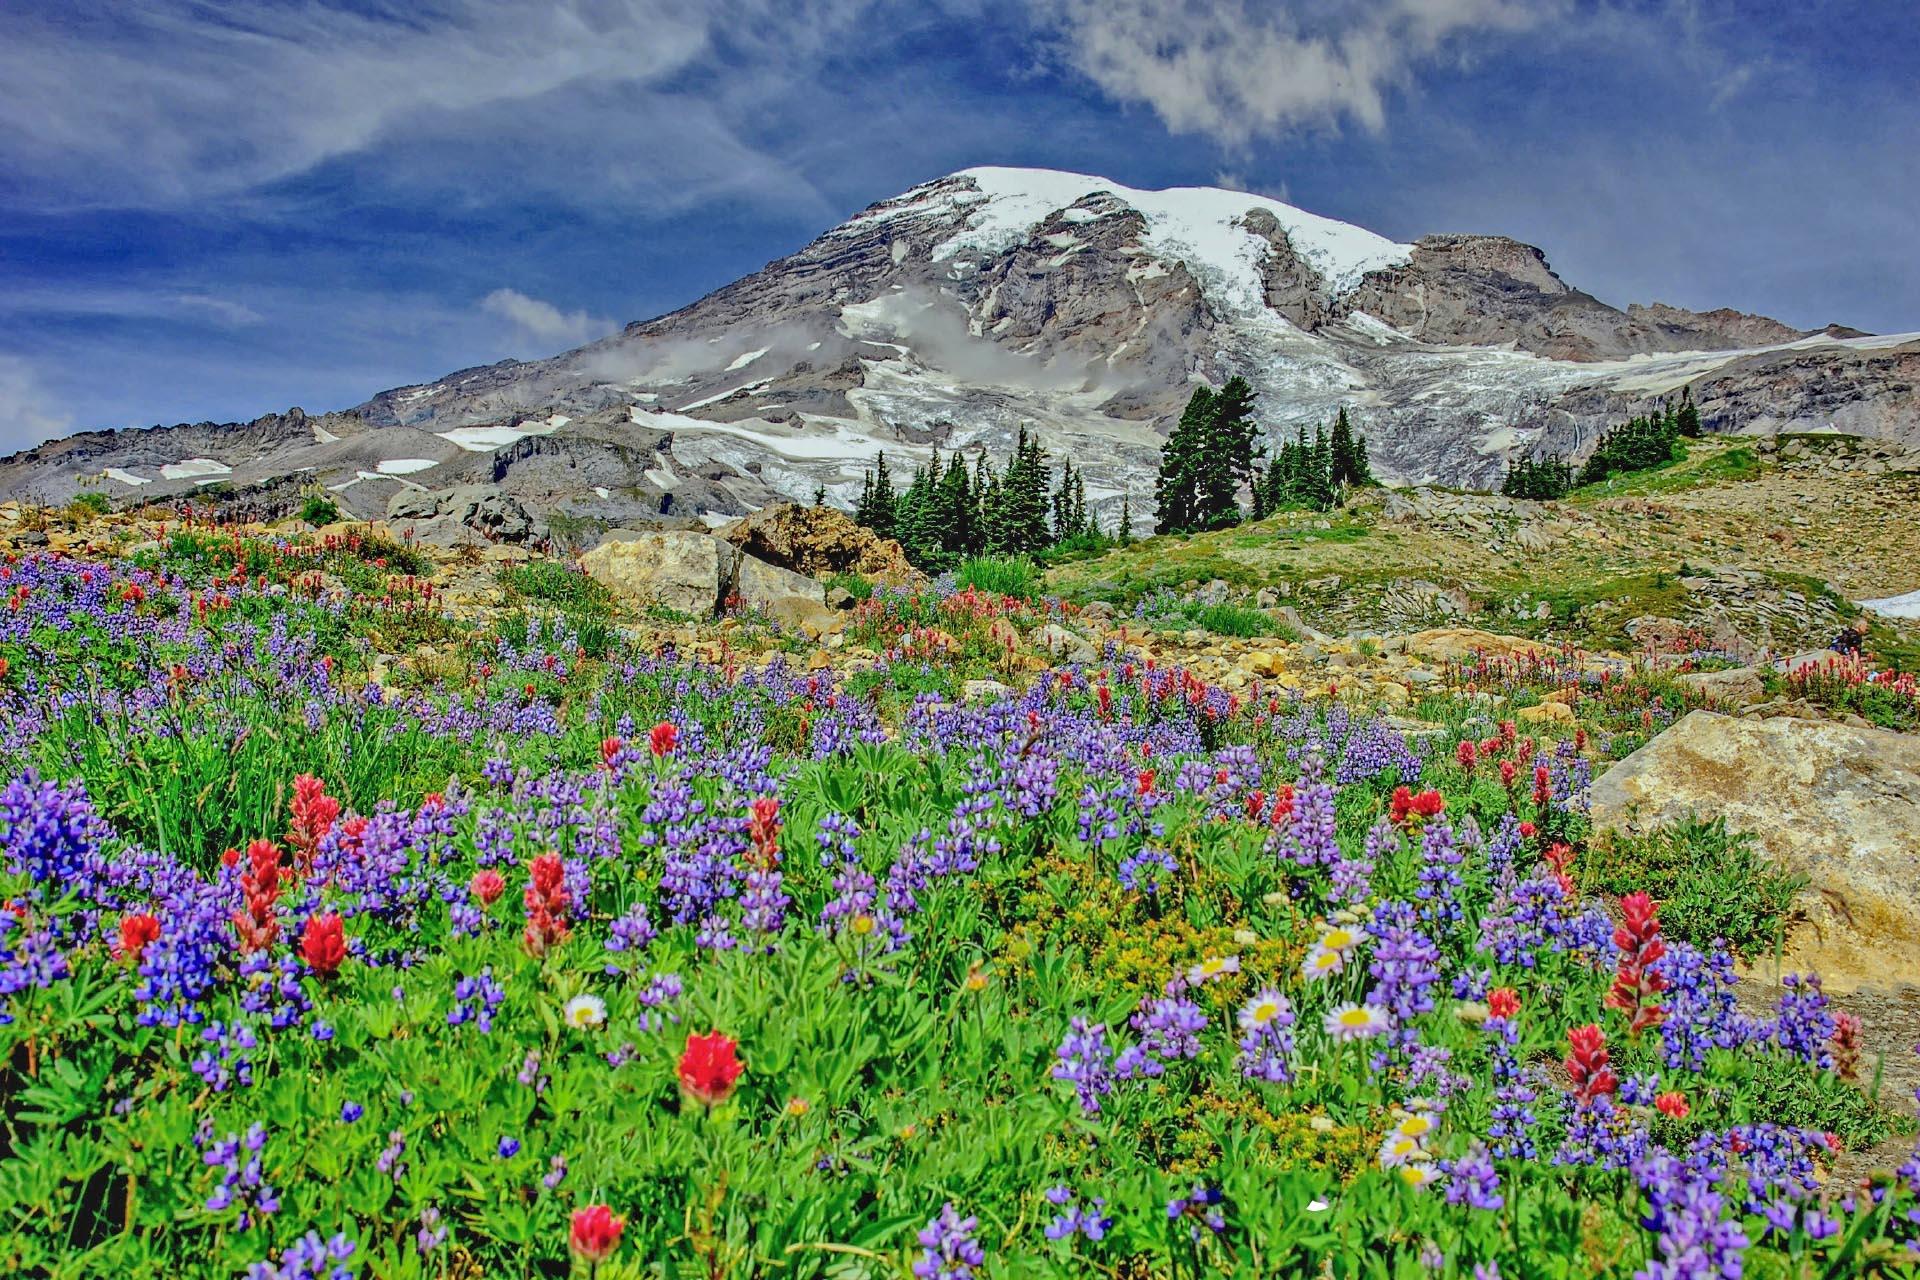 マウントレーニアと花々 アメリカの風景